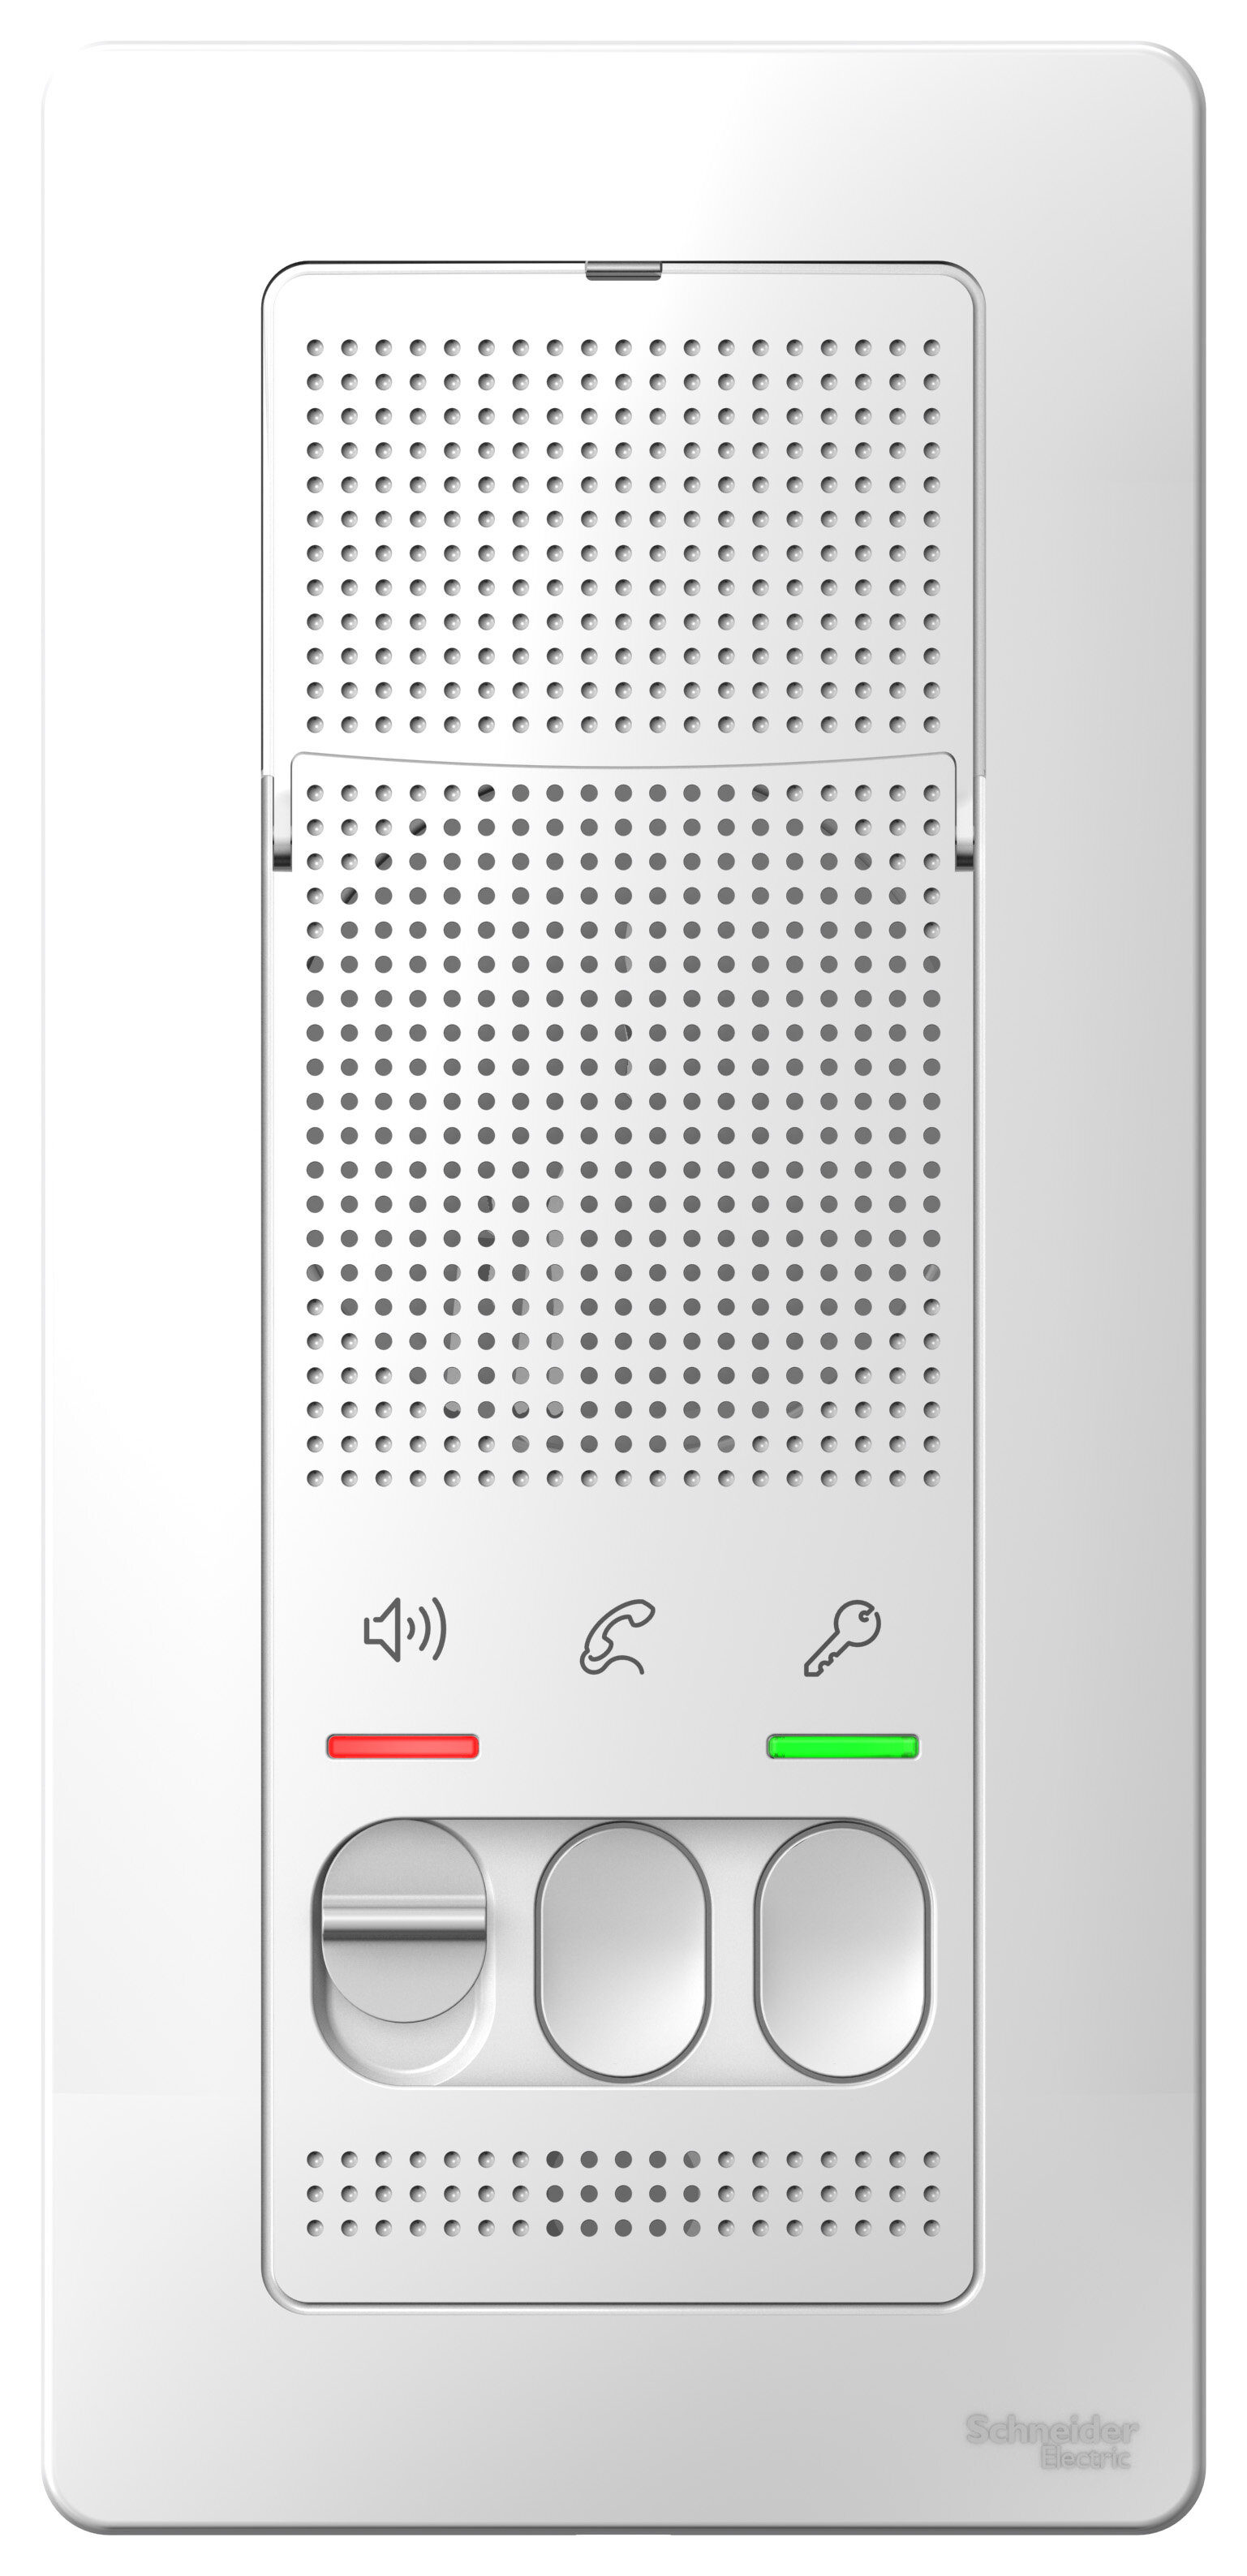 Домофоны/Видеодомофоны Blanca переговорное устройство (домофон), настен.монтаж, 4,5в, белый Schneider Electric